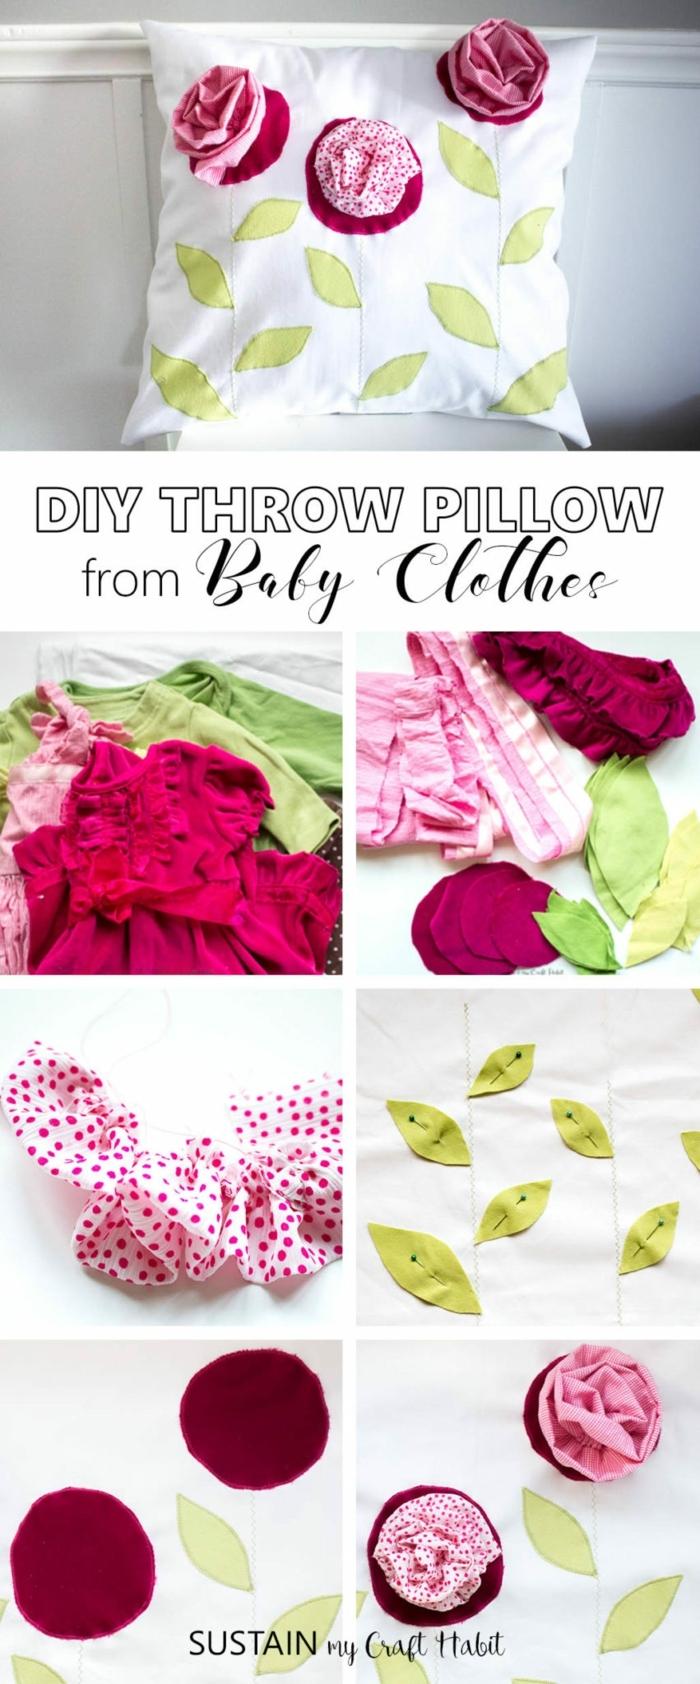 Kissen aus alte Babykleidung, pinke und rote Rosen mit grüne Blätter, DIY Anleitung, Geschenk zum 90 Geburtstag Oma